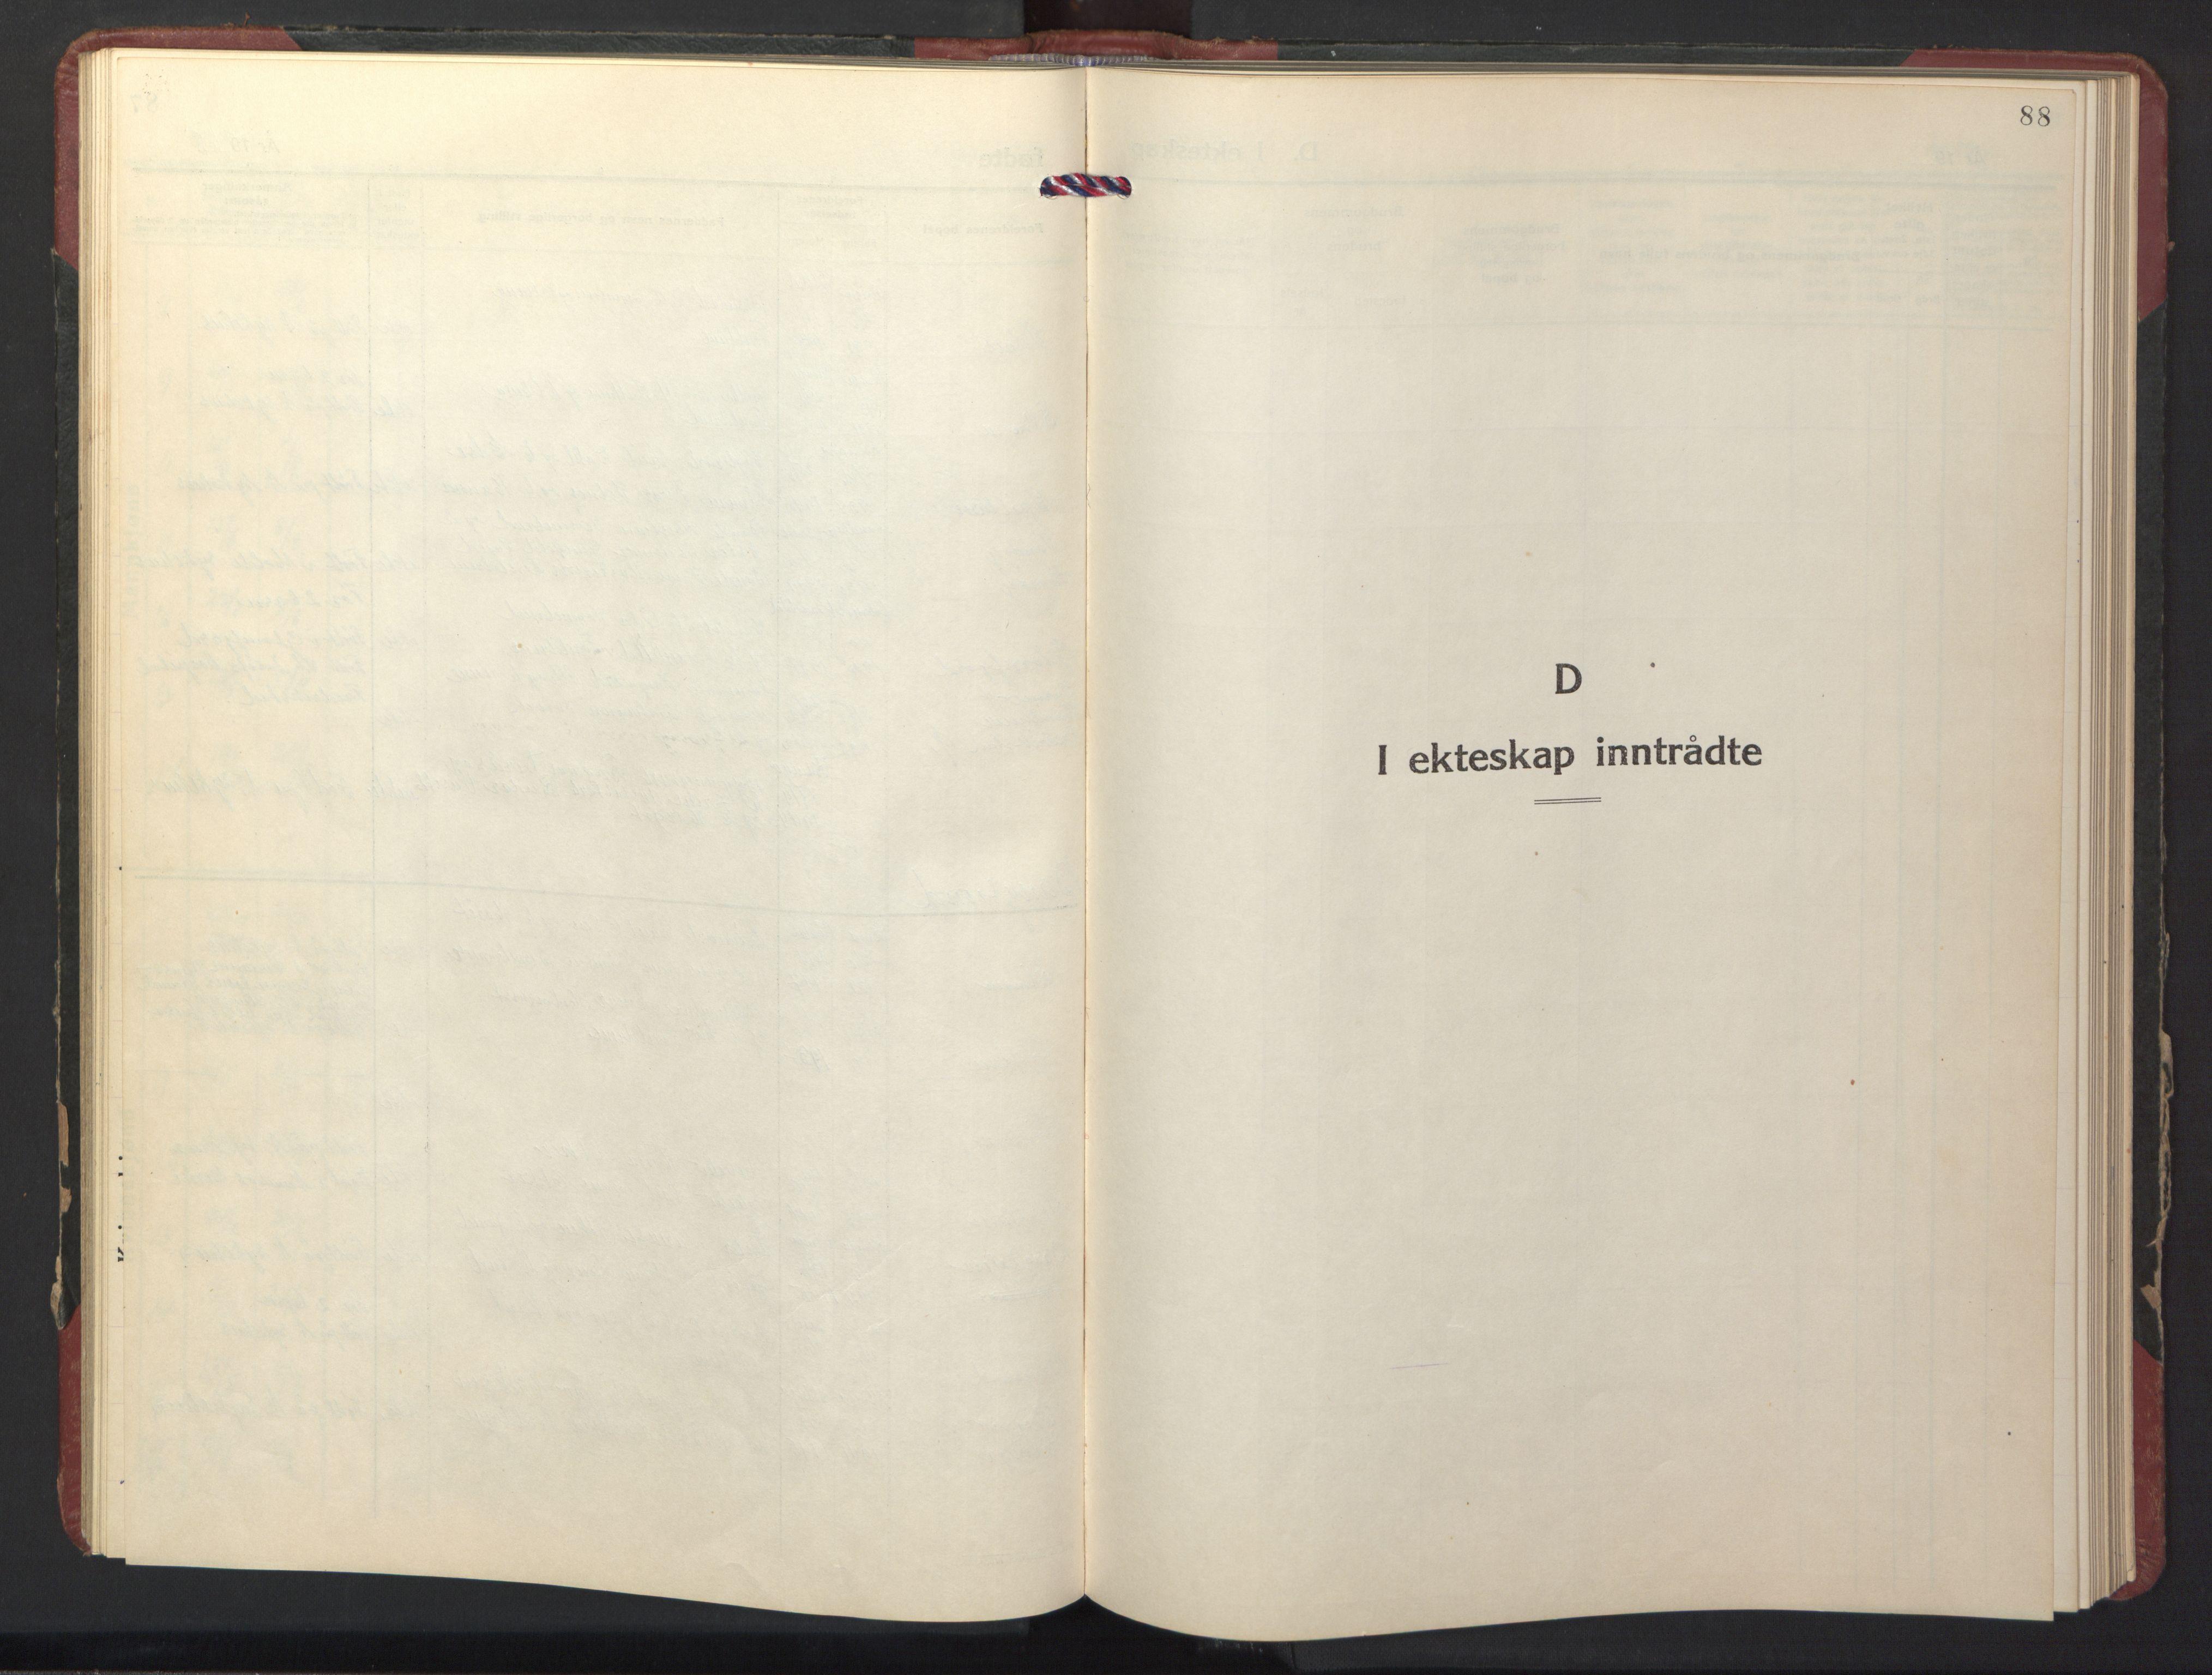 SAT, Ministerialprotokoller, klokkerbøker og fødselsregistre - Nord-Trøndelag, 770/L0592: Klokkerbok nr. 770C03, 1941-1950, s. 88